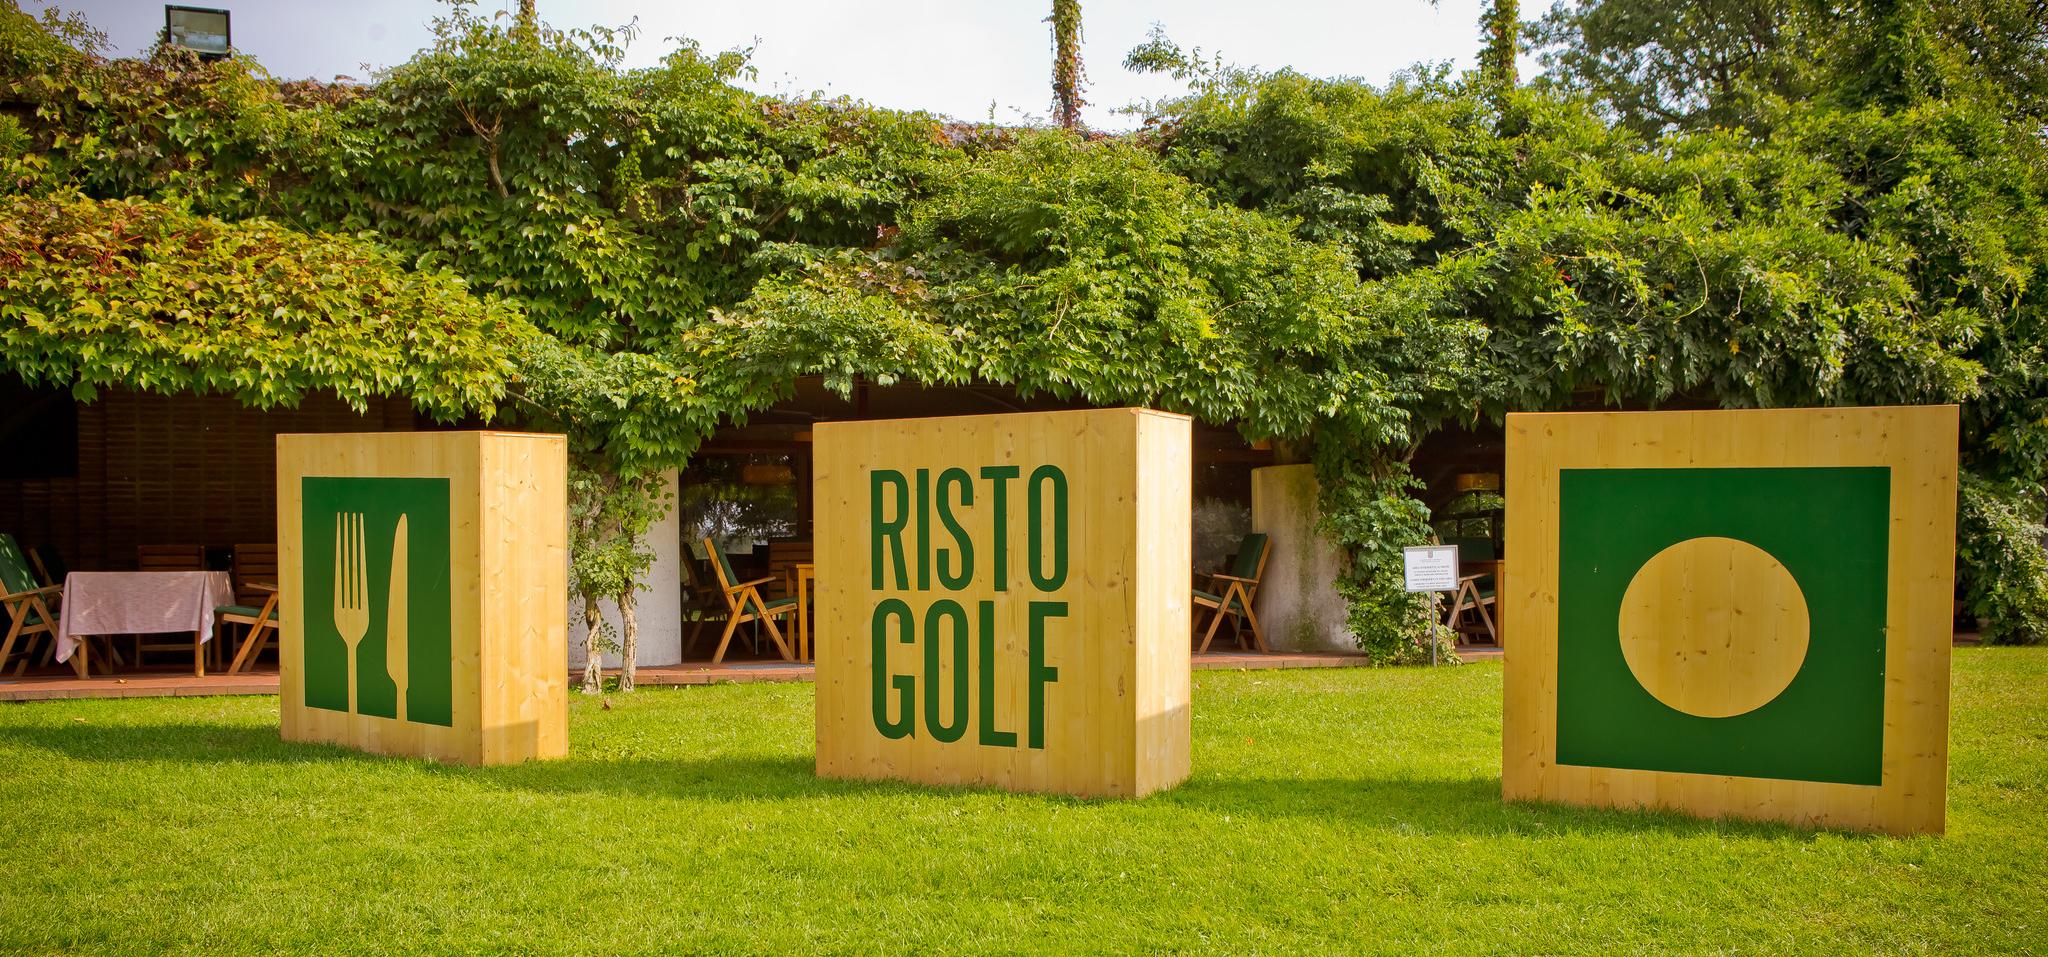 ristogolf-terme-saturnia